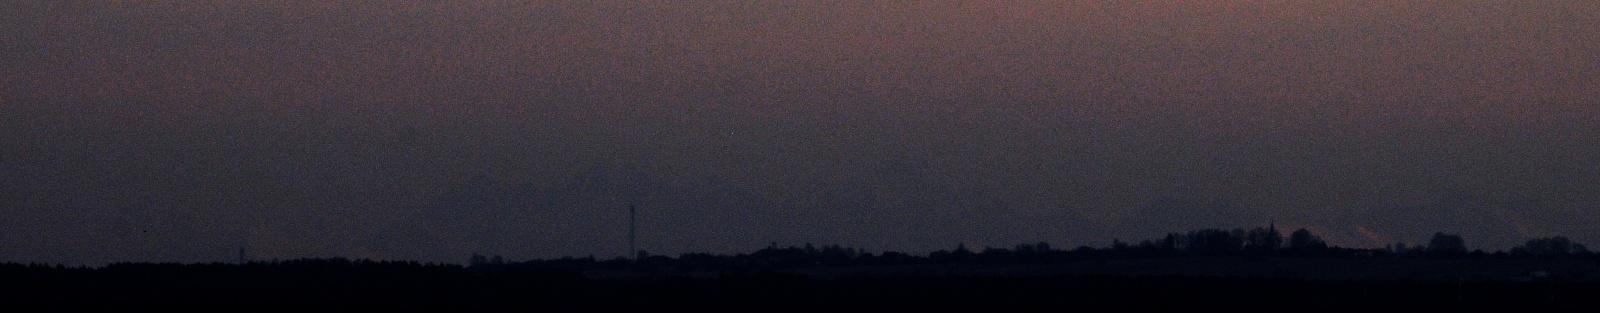 tatry łomnica lodowy obr.jpg